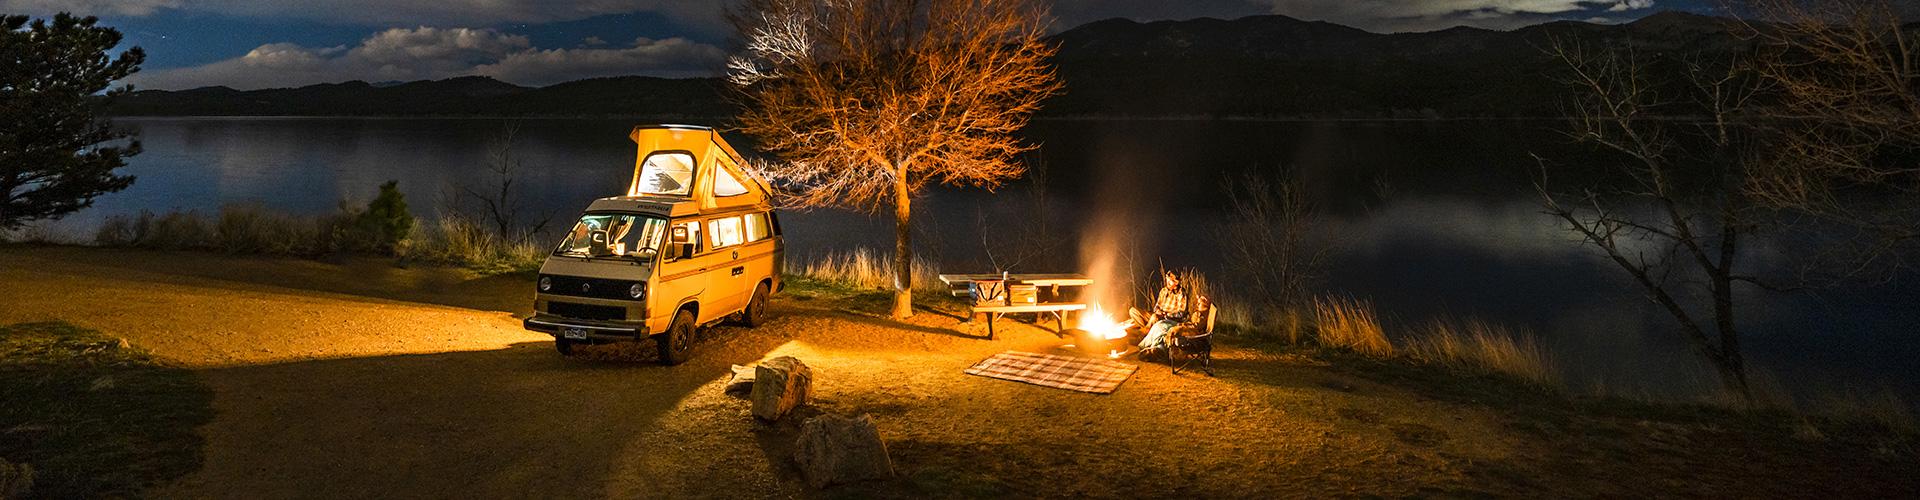 Camping with a vintage camper van